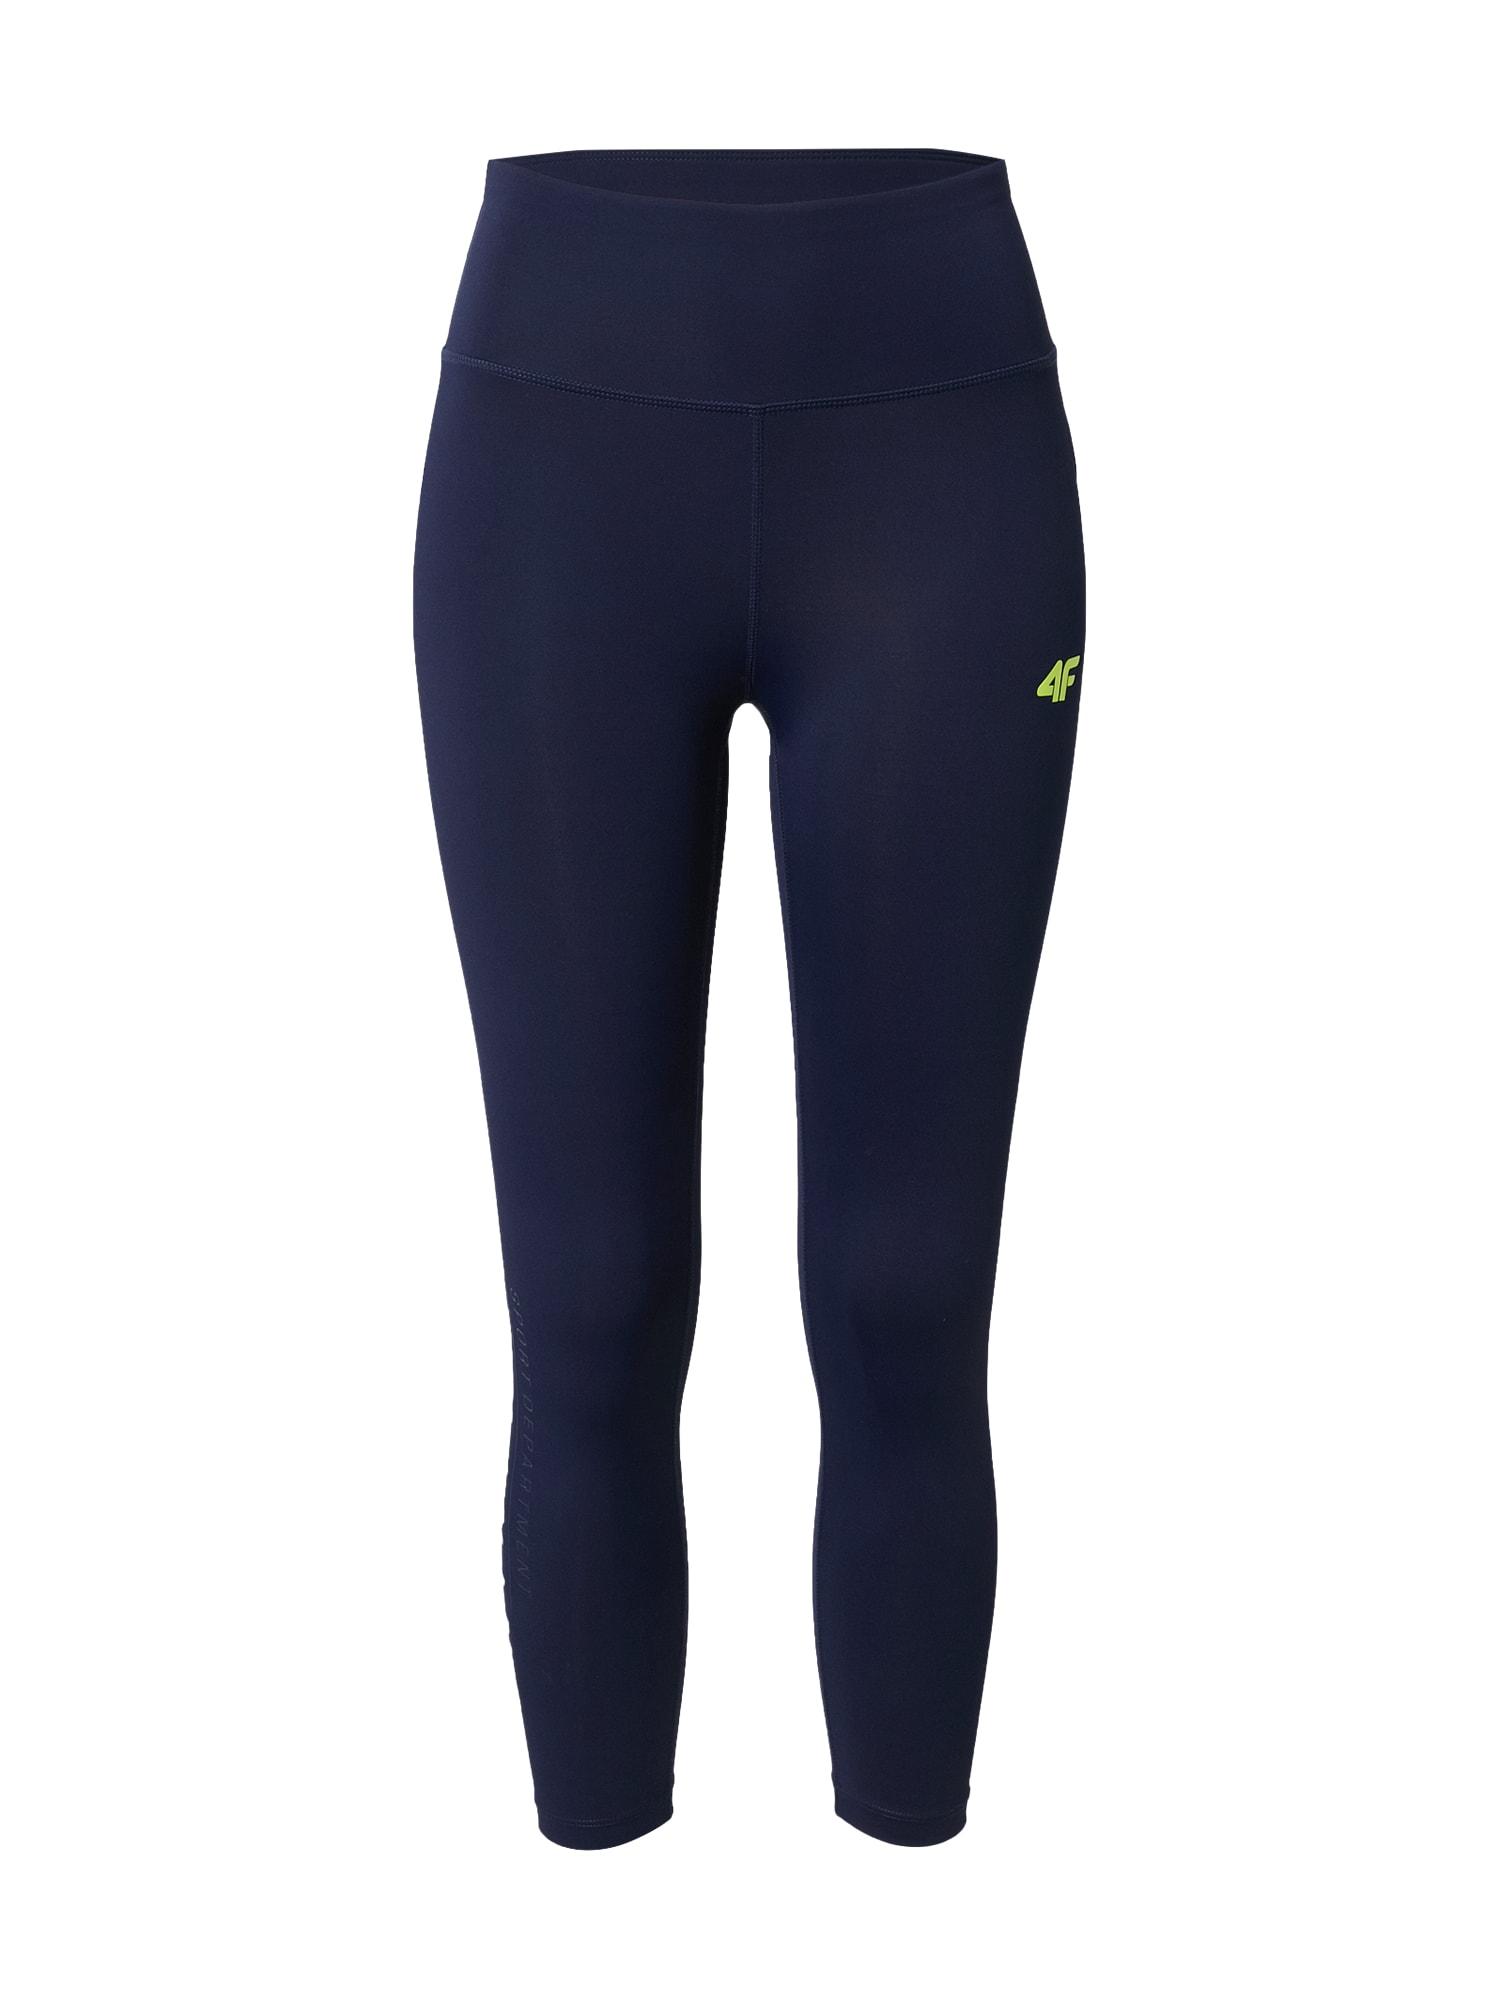 4F Sportinės kelnės tamsiai mėlyna